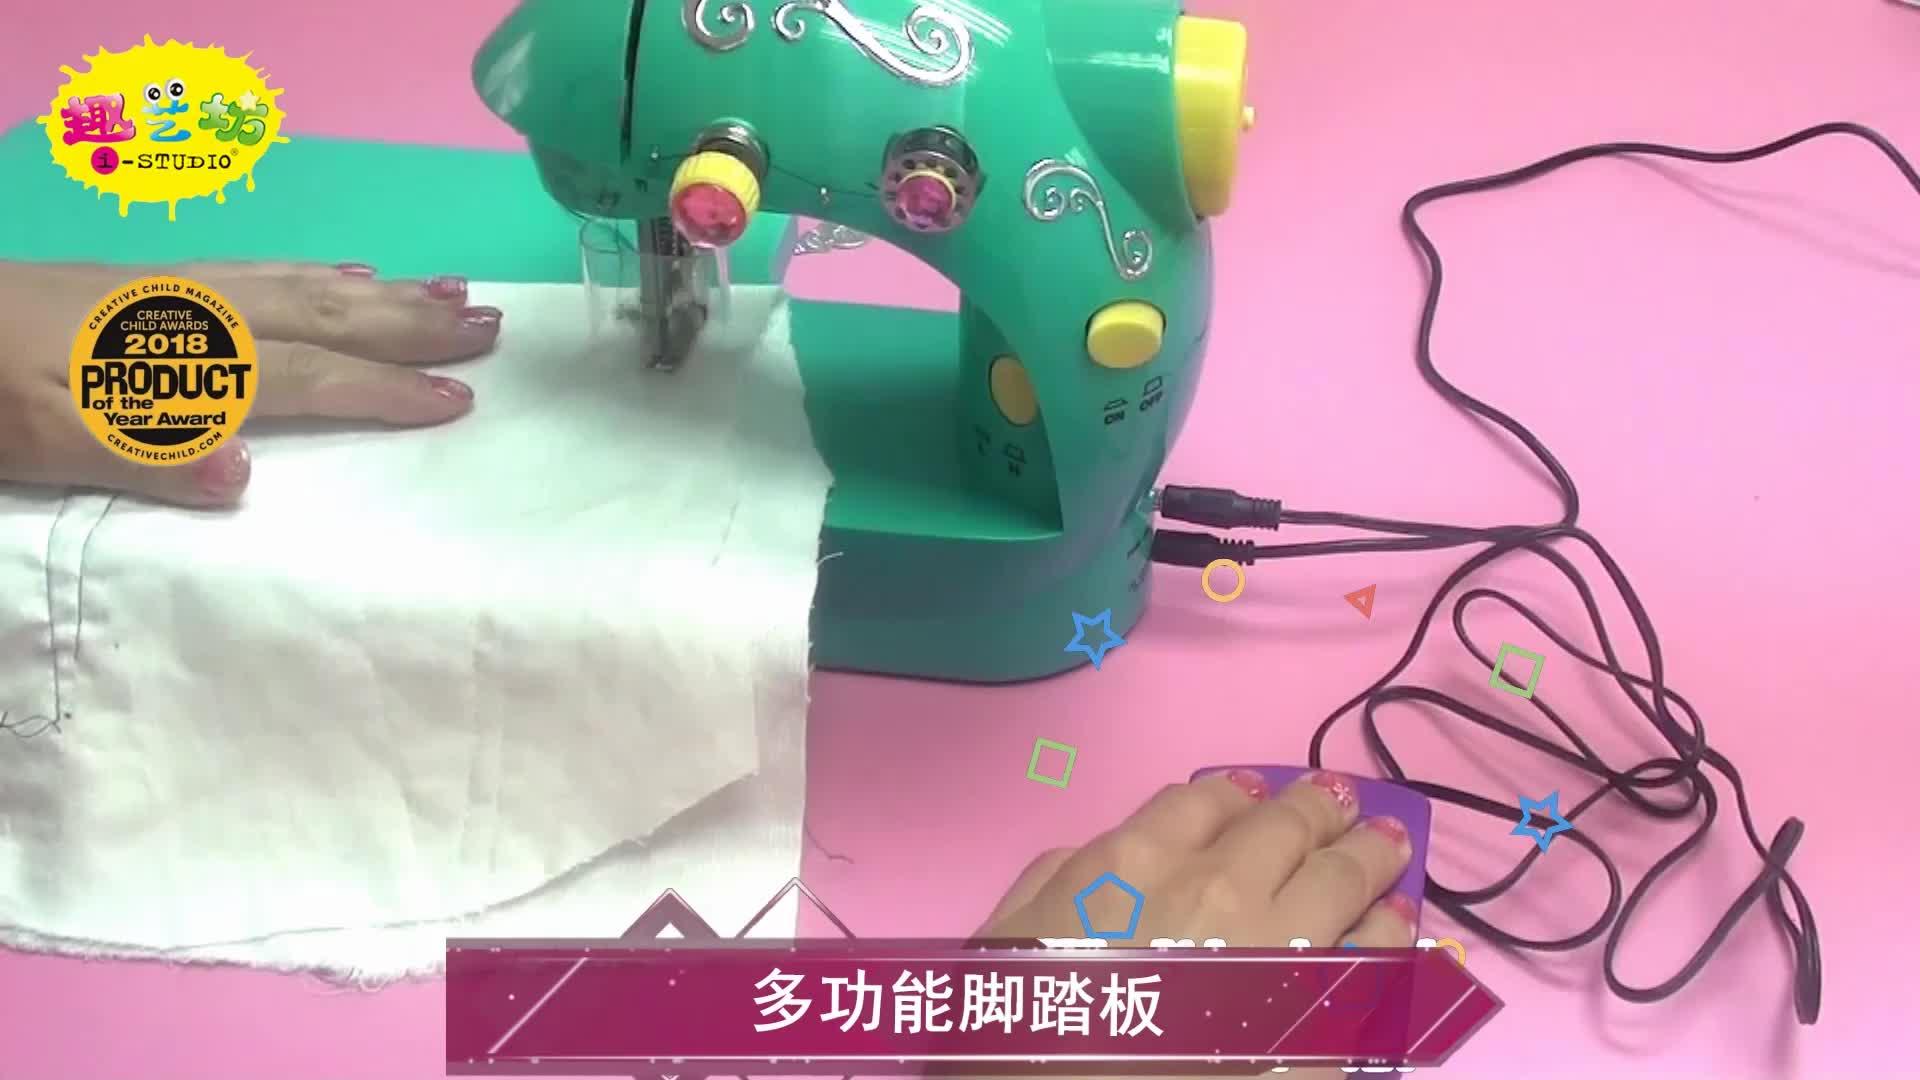 Hoge en Lage snelheden draagbare hand naaimachine 202, mini huishoudelijke naaimachine china